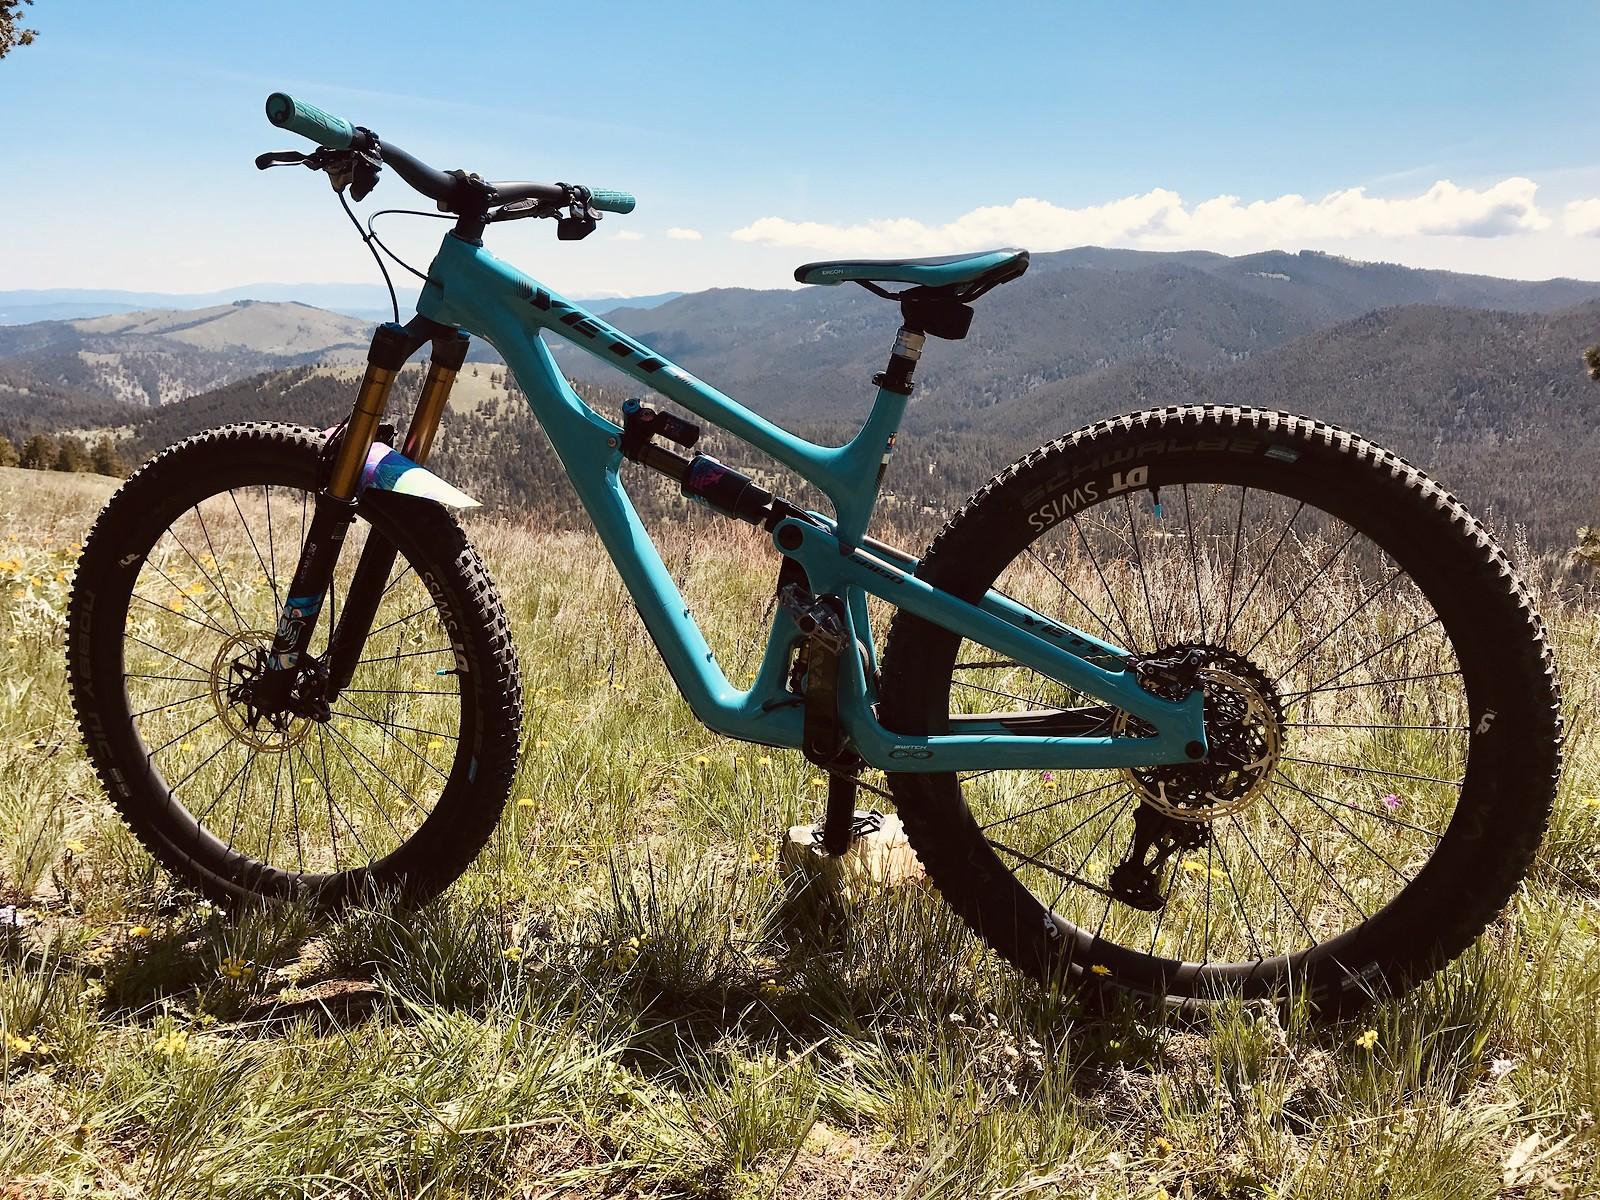 RAD Bikes Bozeman, 2019 Yeti SB150 Turq AXS